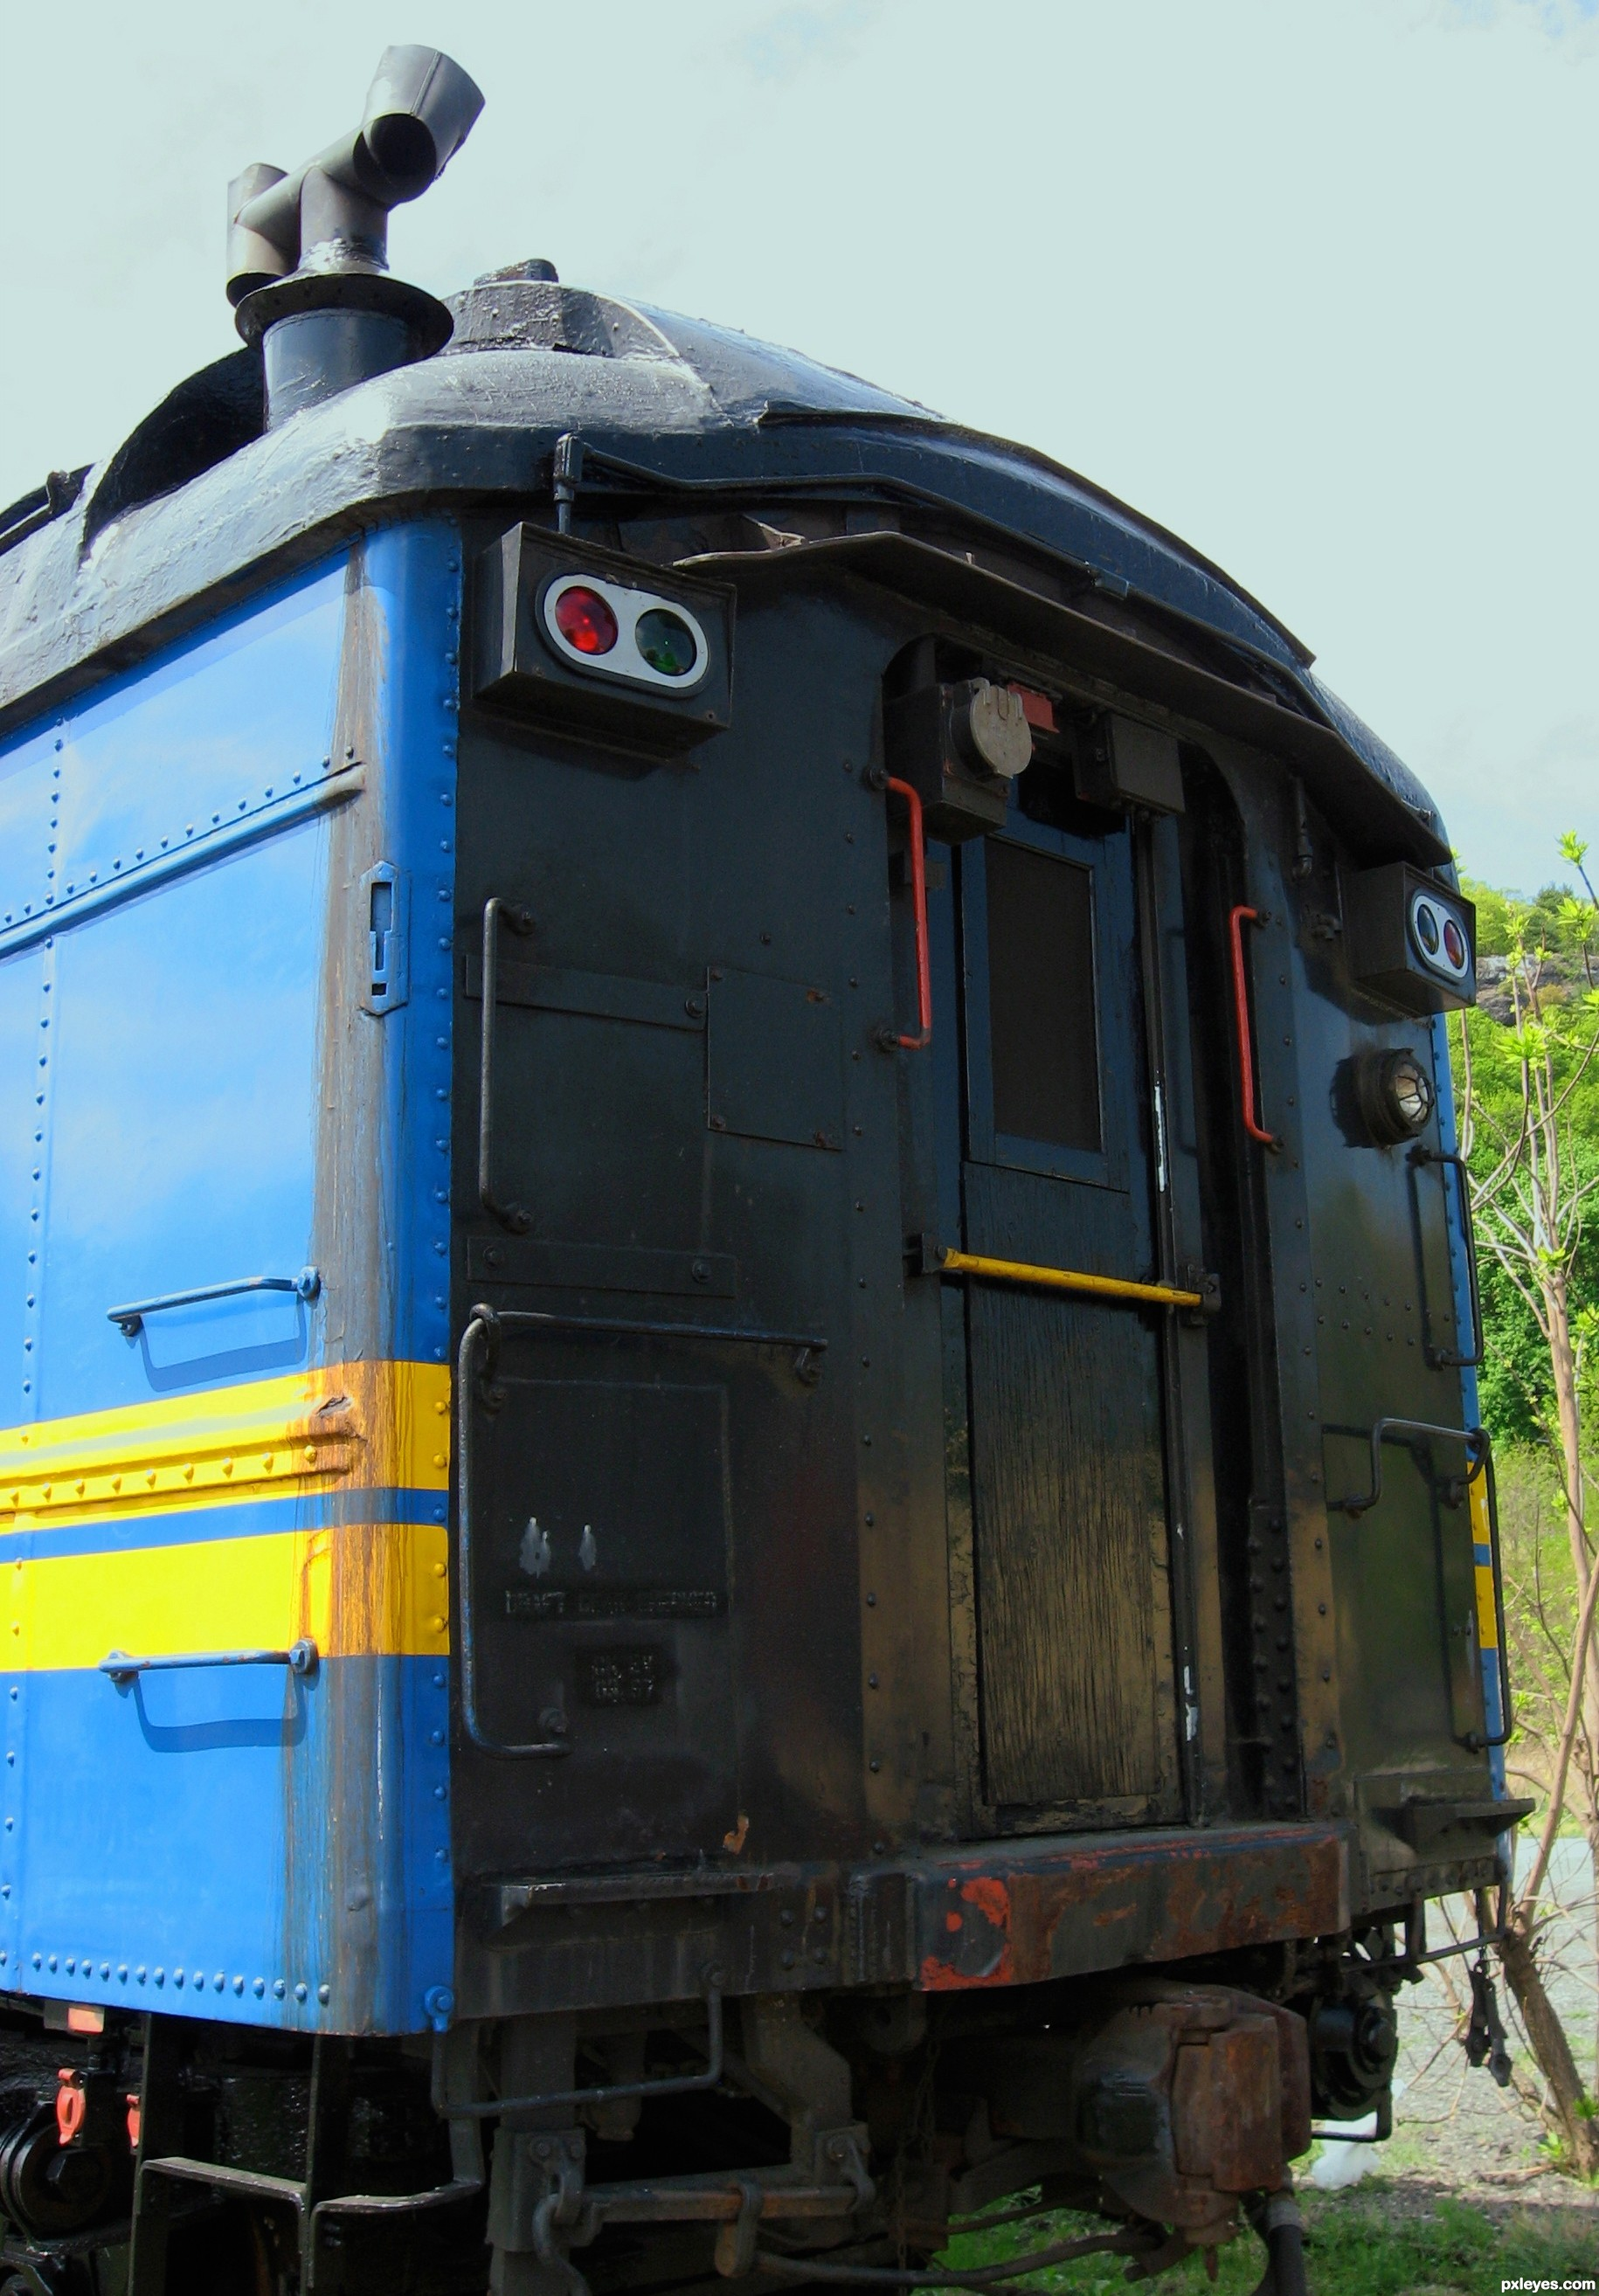 Old train door & Old train door picture by CMYK46 for: doors photography contest ...